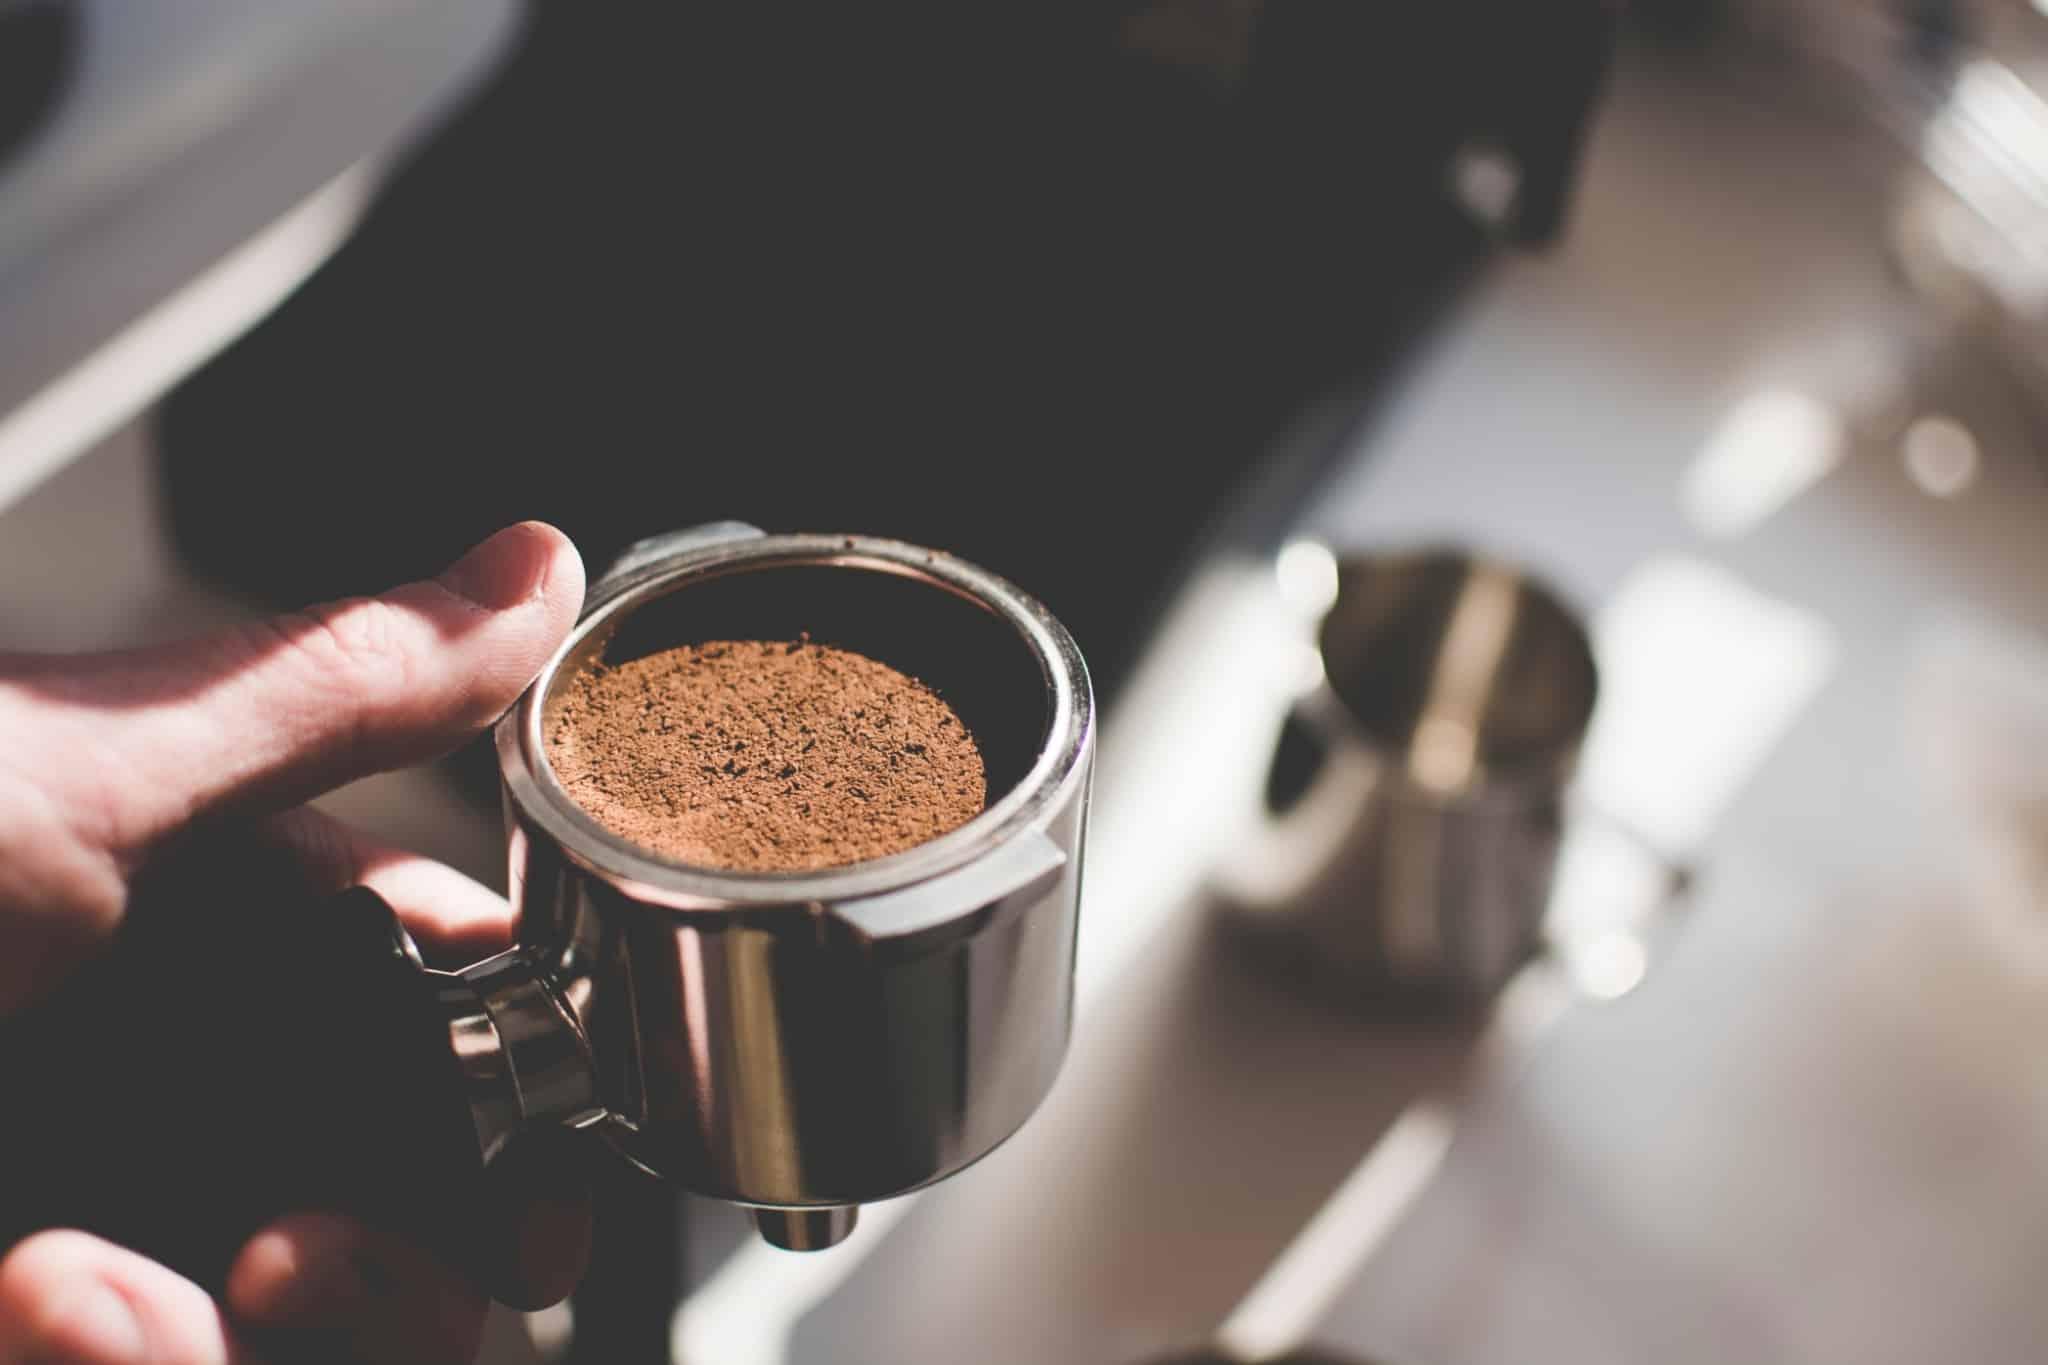 alguém a preparar café na máquina